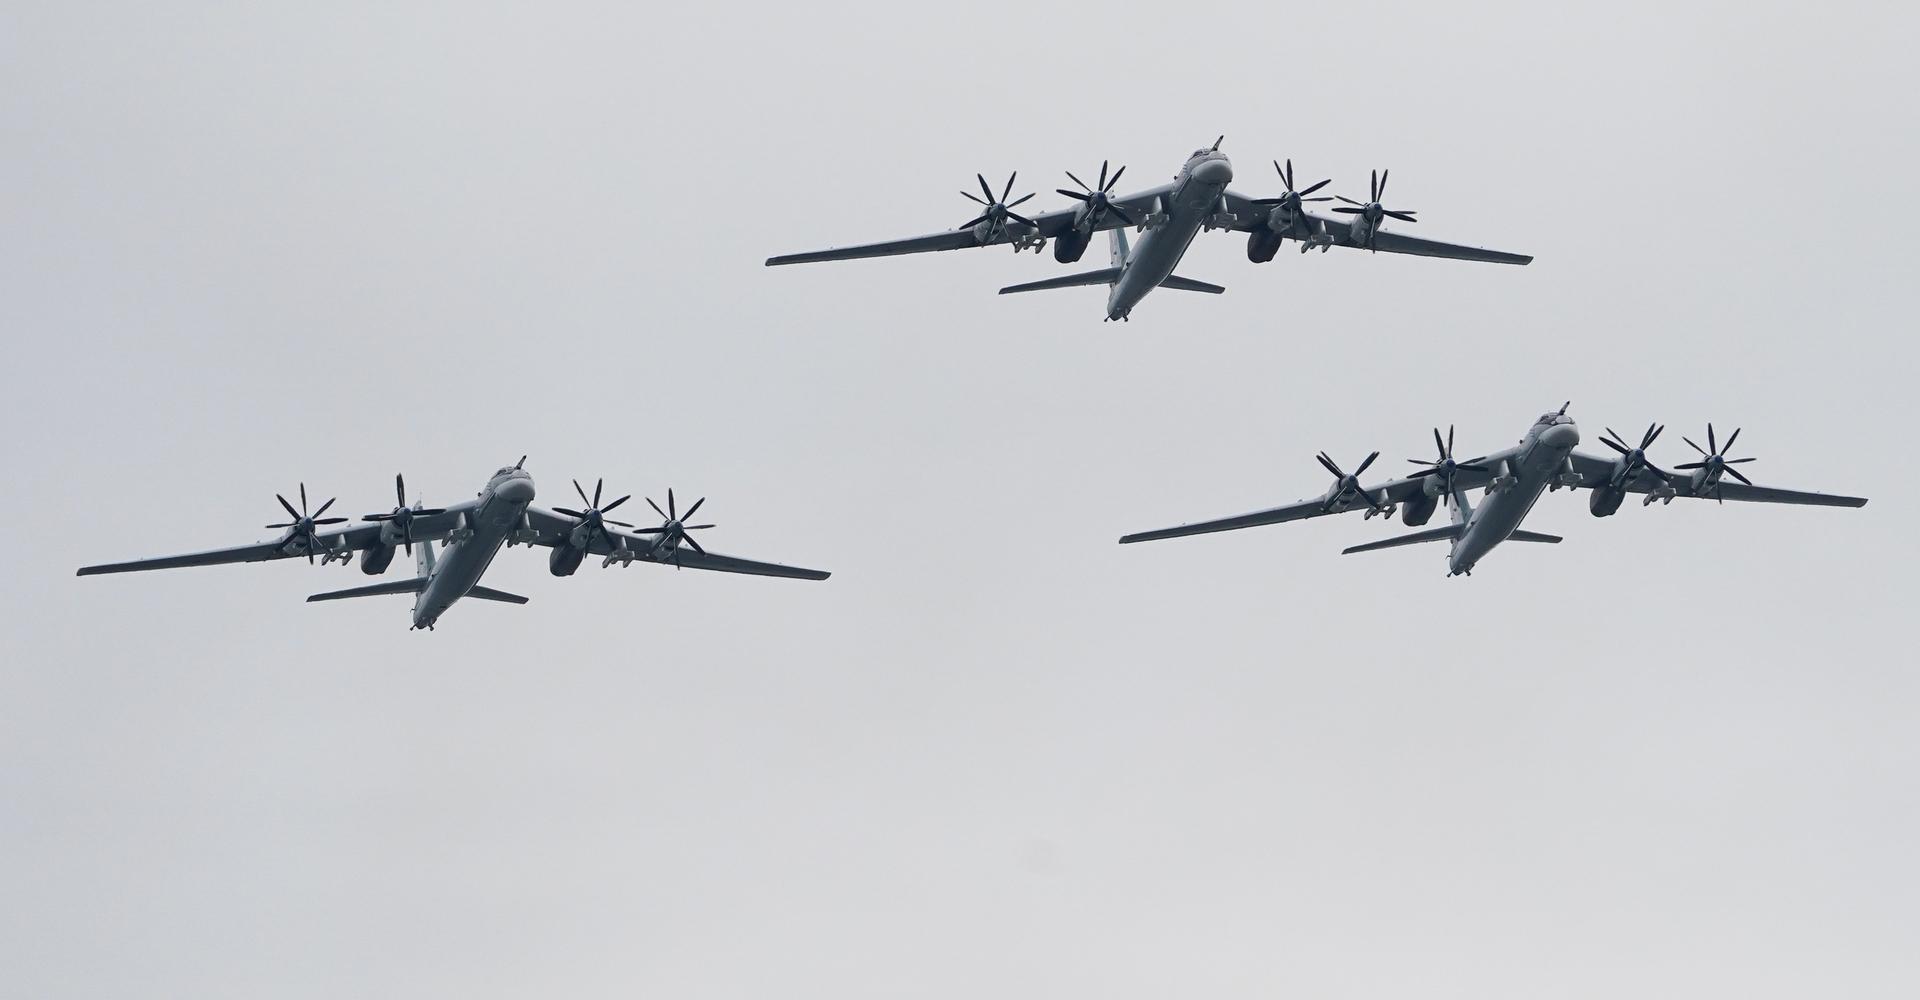 مقاتلات أمريكية تواكب قاذفات استراتيجية روسية خلال تحليق روتيني